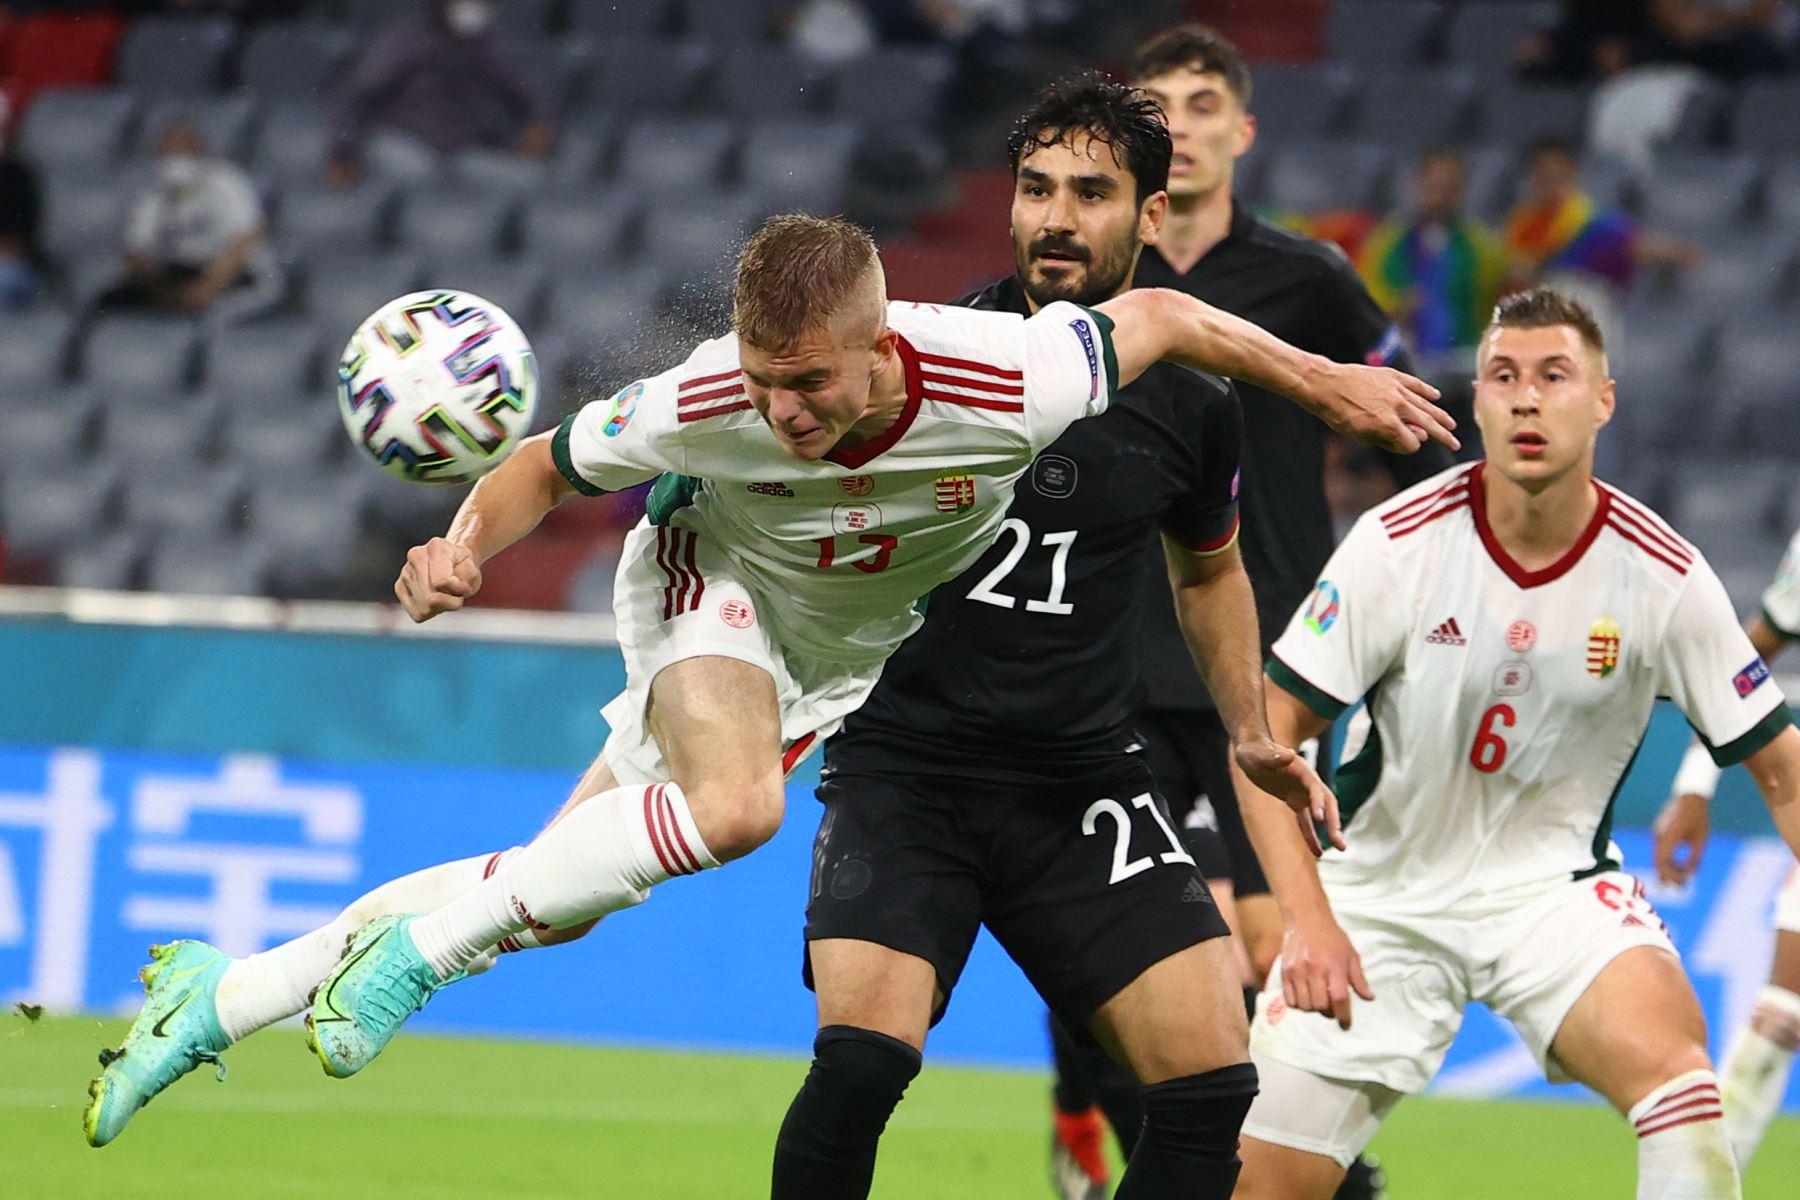 El centrocampista húngaro Andras Schafer cabecea el balón durante el partido por el Grupo F de la UEFA EURO 2020. Foto: AFP